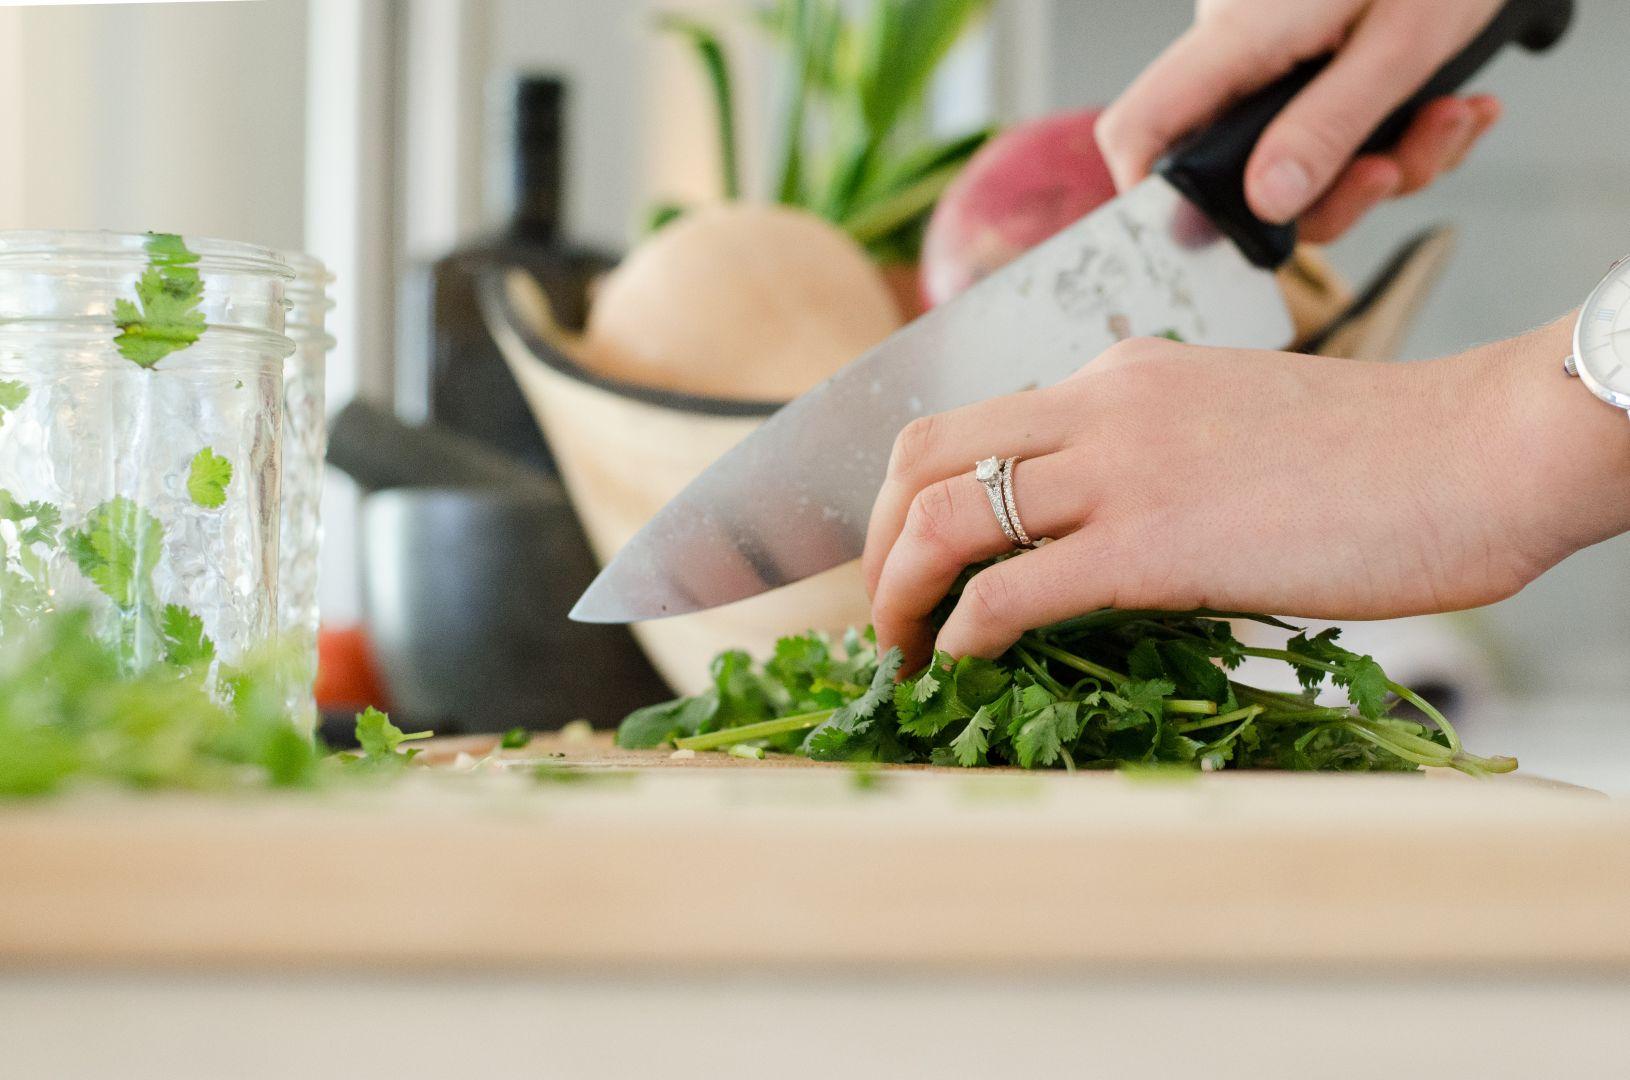 Wykorzystaj moc świeżych ziół i suszonych przypraw. Zioła i przyprawy to sprytny sposób, by nadać smak i głębię każdej potrawie. Fot. Solgaz